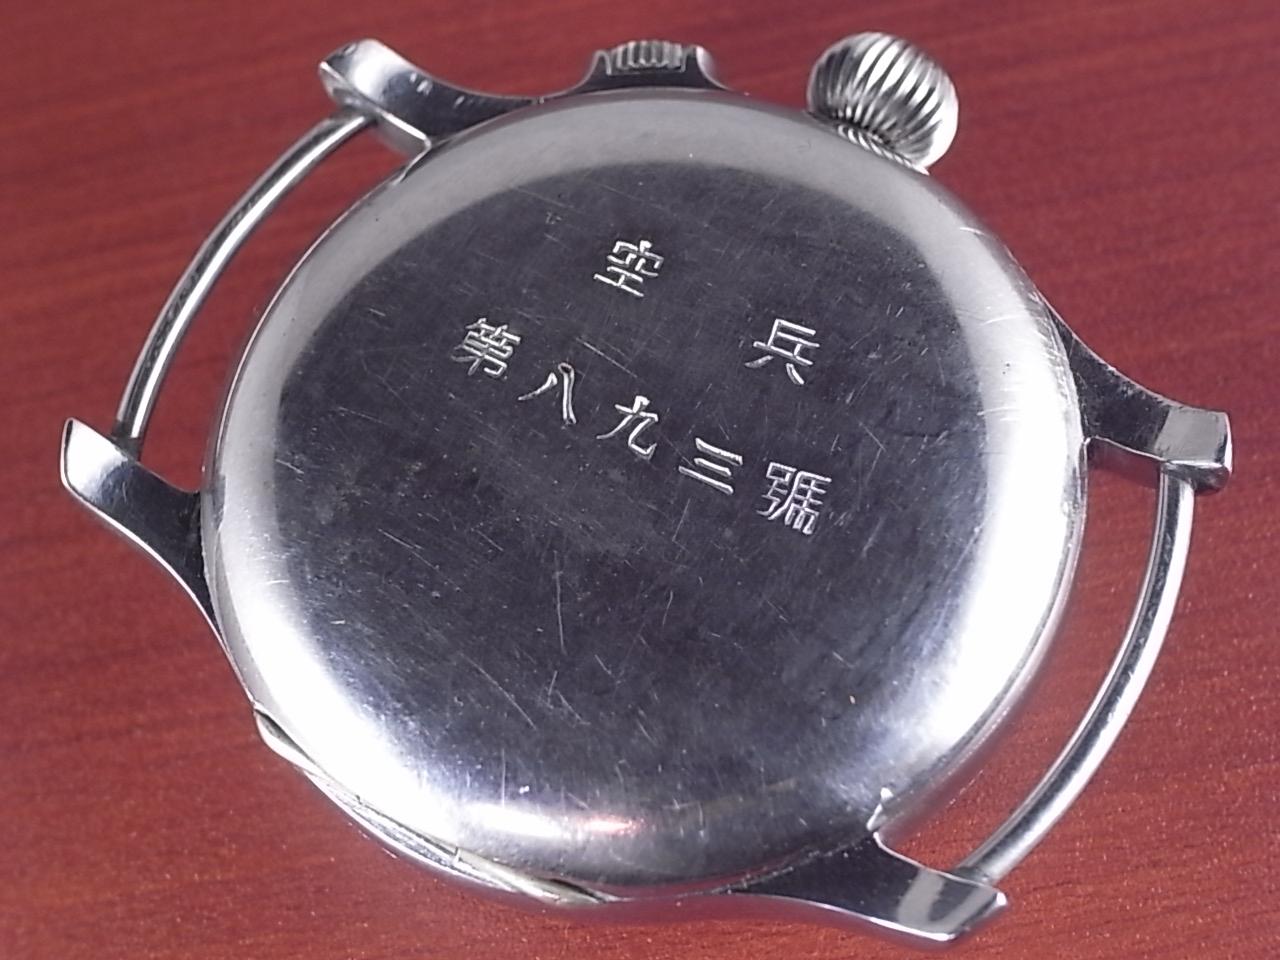 ロンジン=ウィットナー 旧日本海軍 ウィームス 天測時計 1930年代の写真4枚目